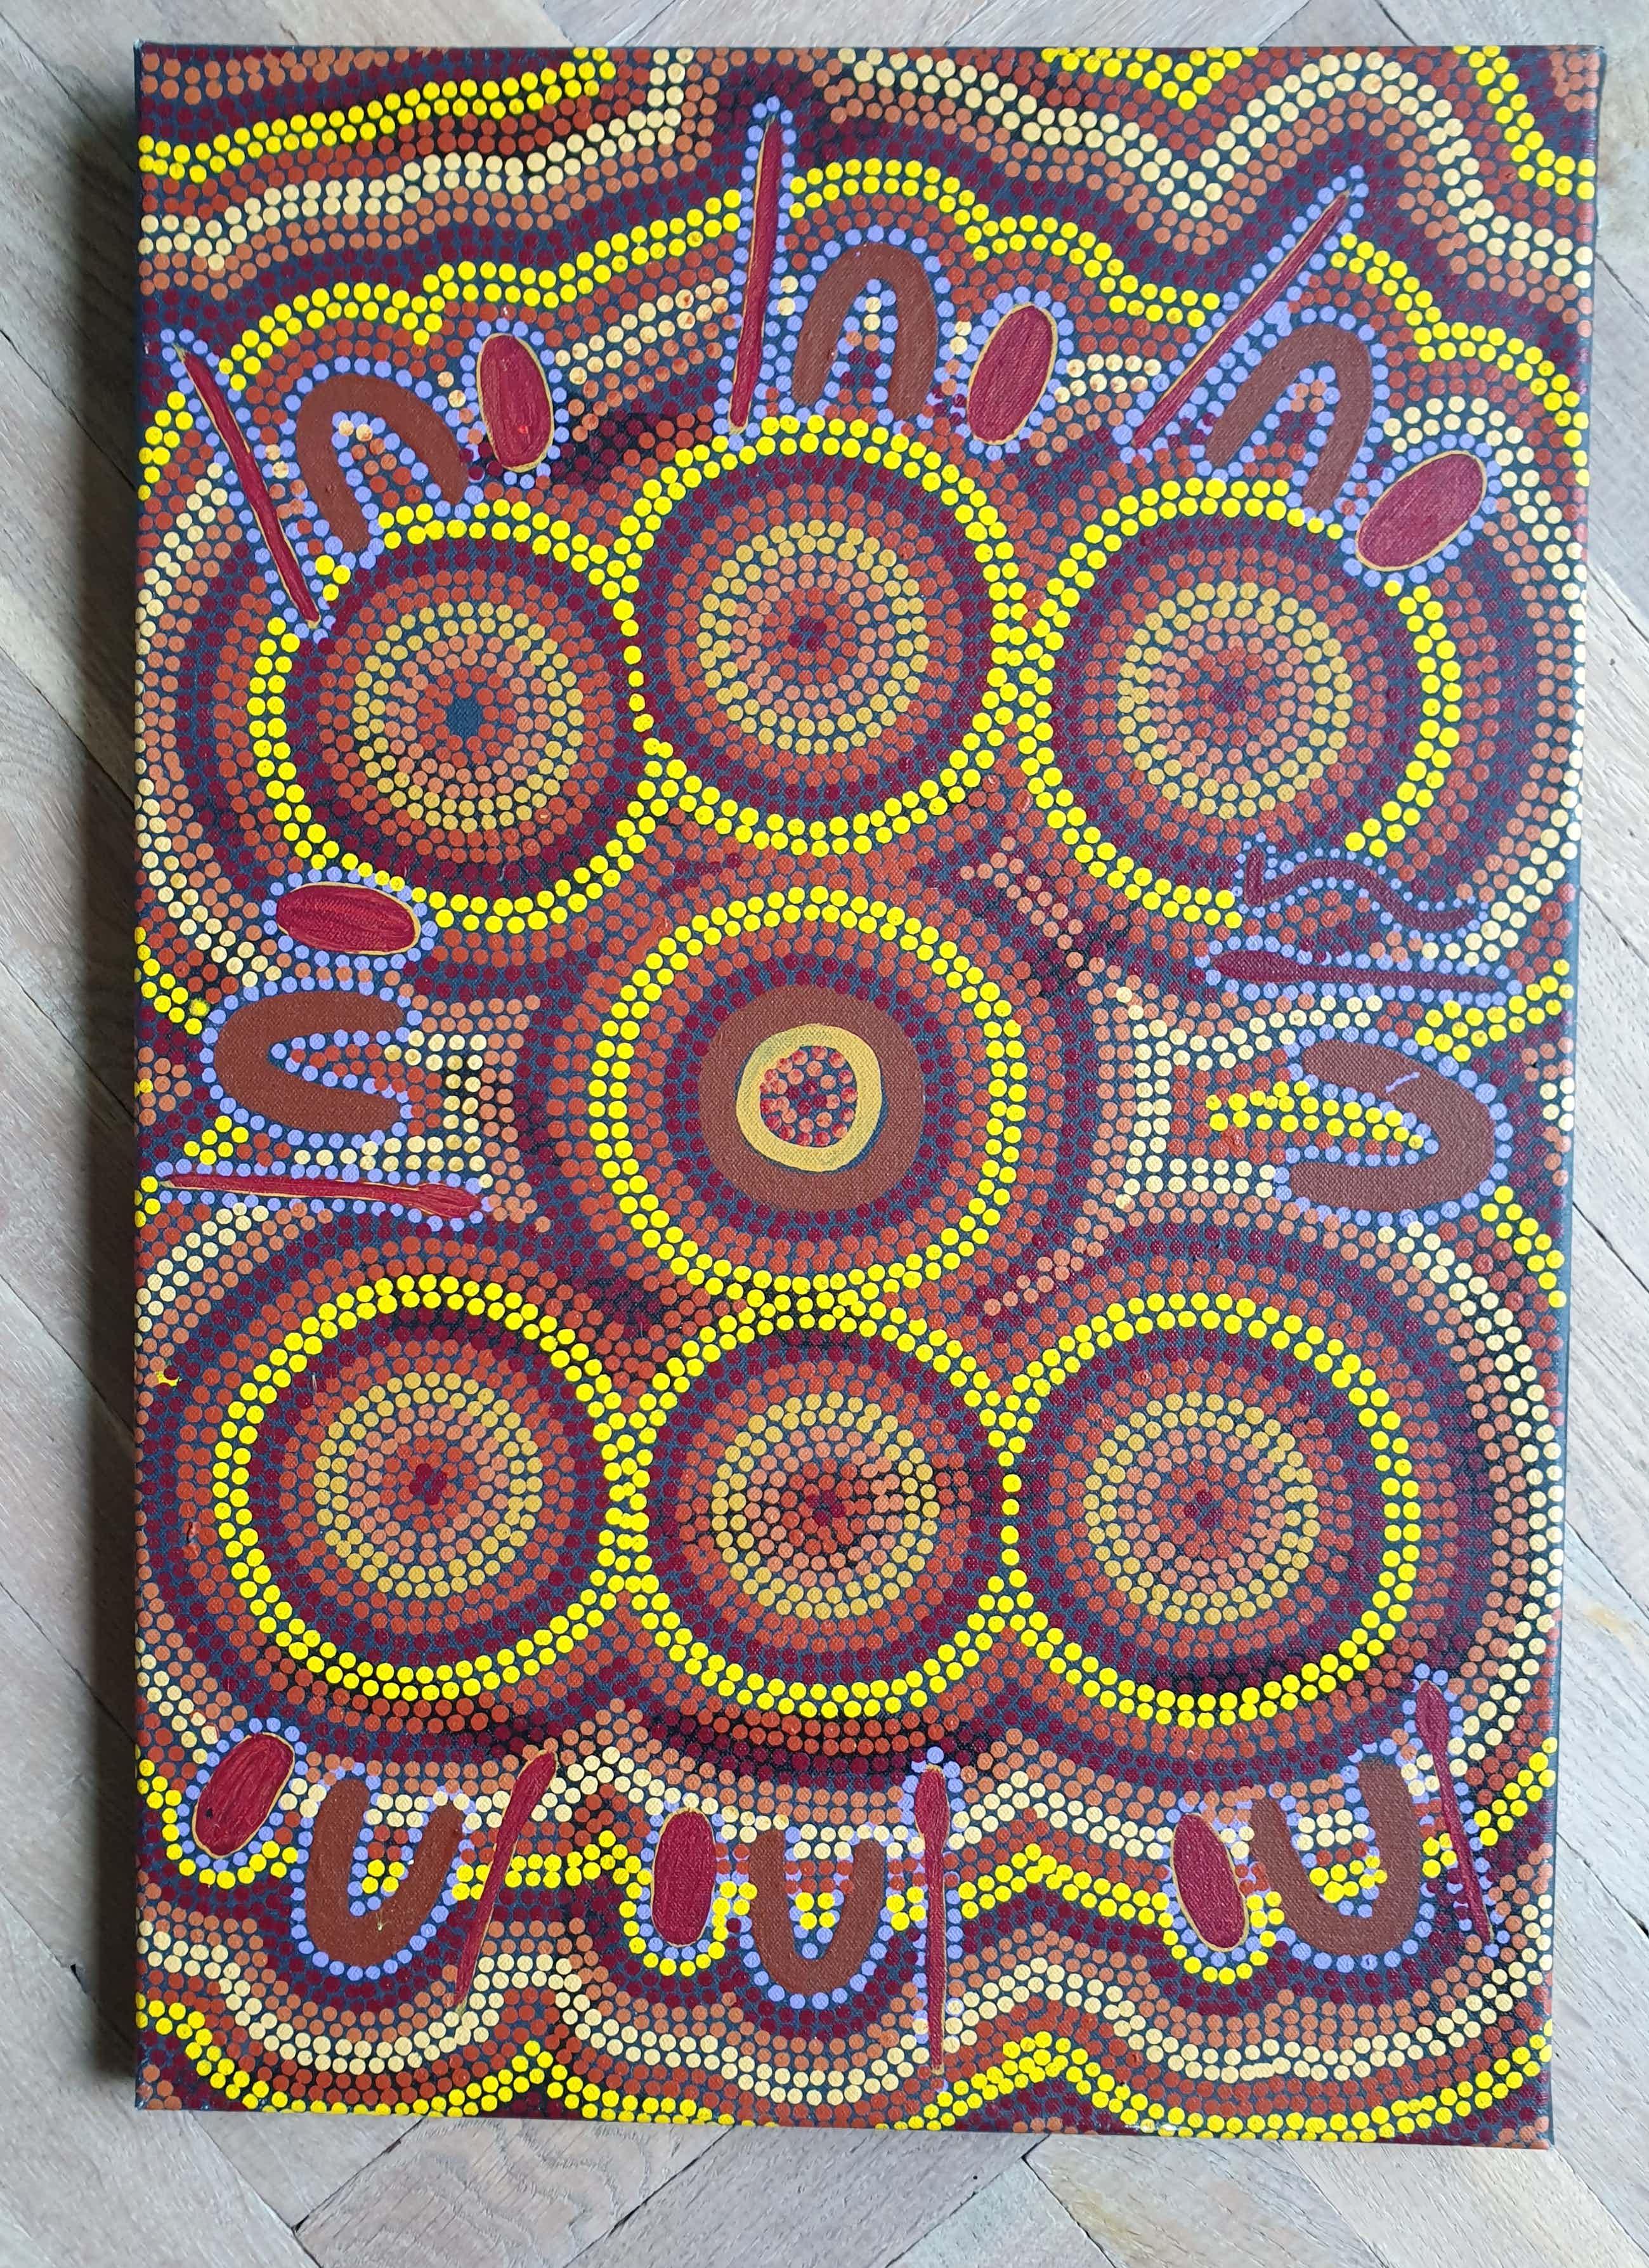 Niet of onleesbaar gesigneerd - Initialen BL 132 - Aboriginal Kunst - Jurkurrpa - 58 x 40 cm kopen? Bied vanaf 45!